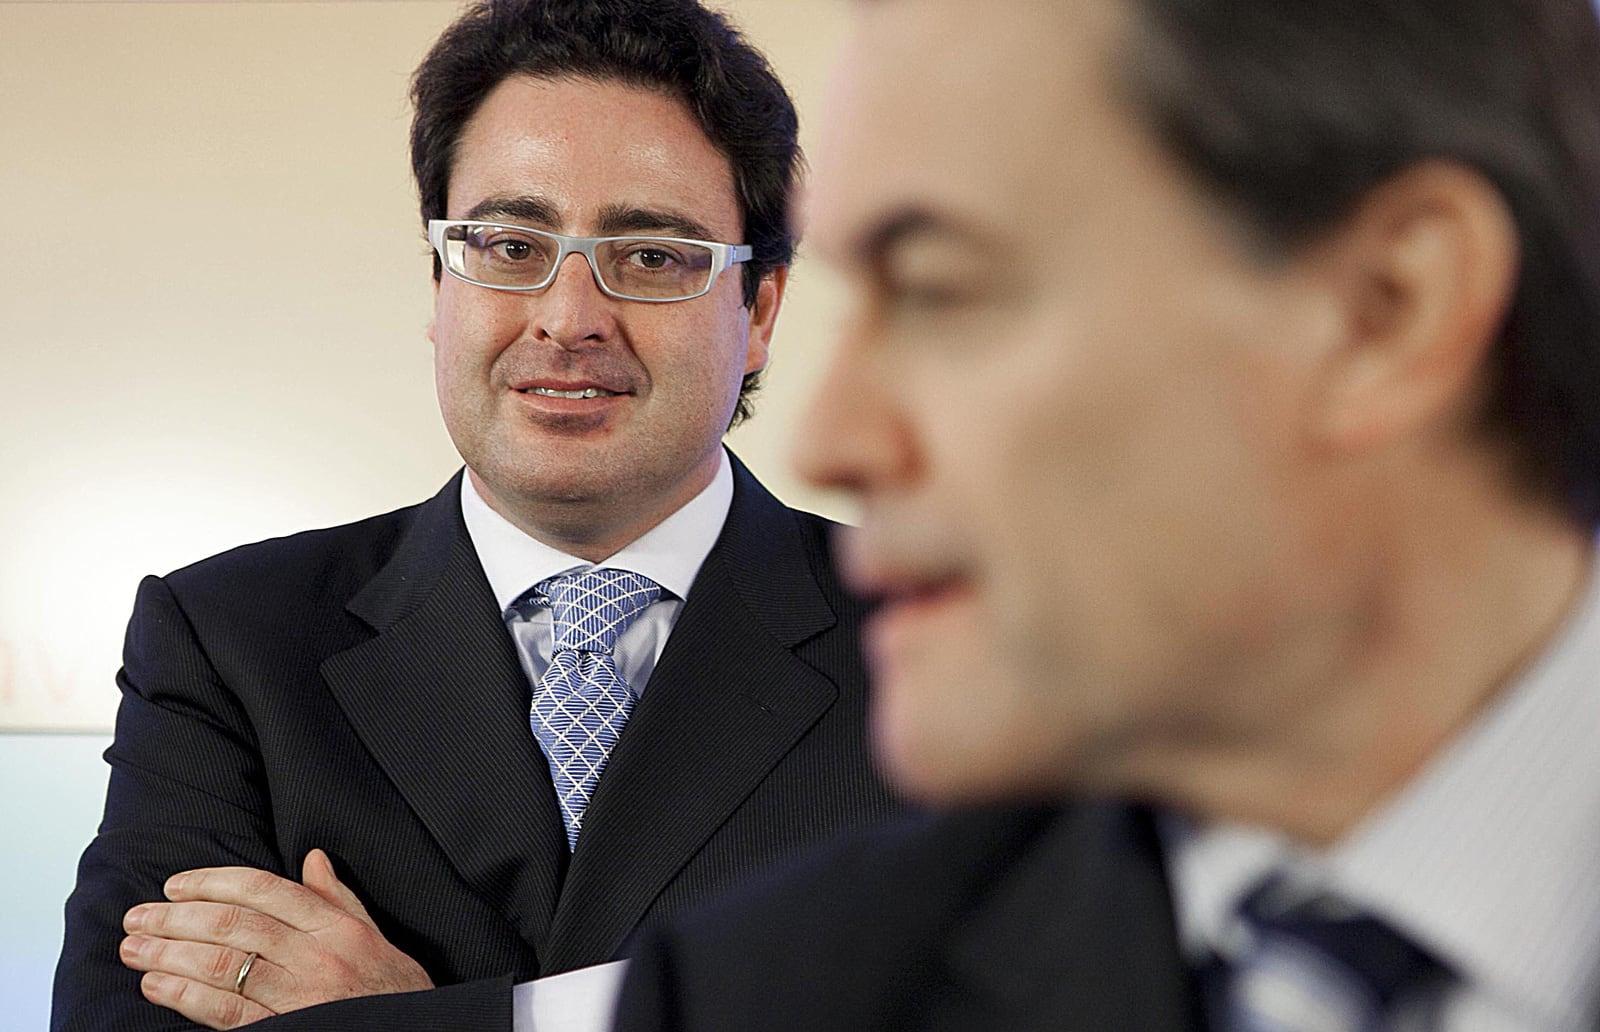 David Madí, darrere d'Artur Mas, el desembre del 2010 quan va anunciar que deixava la política. Fotografia de Ferran Nadeu.